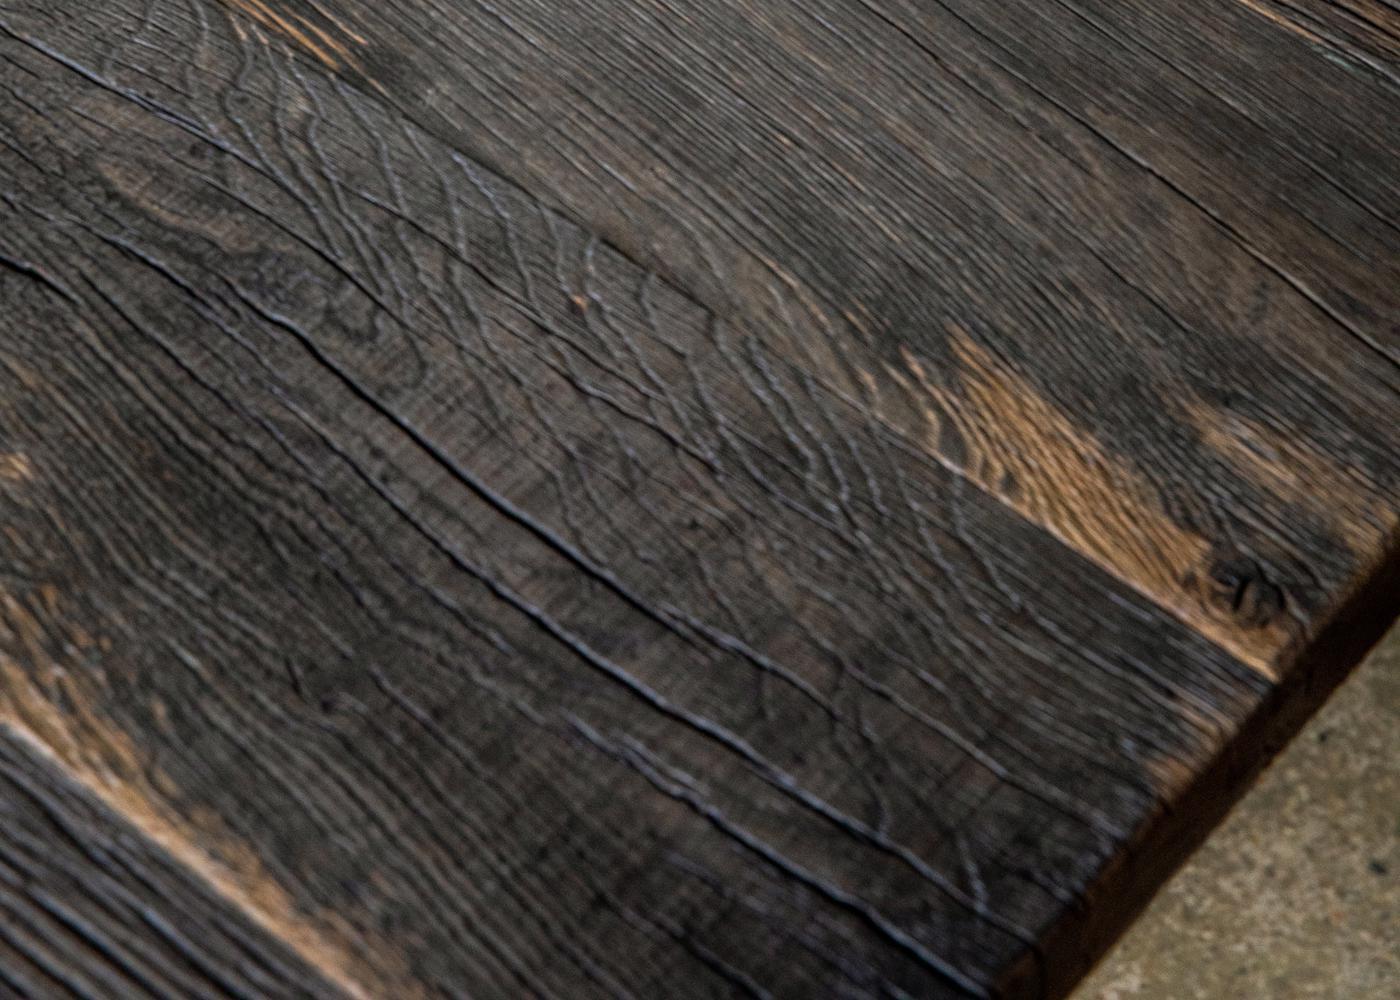 Plateau de table ANVERS à partir de vieux fond de wagon chêne non raboté brut (longueur max 2700mm)